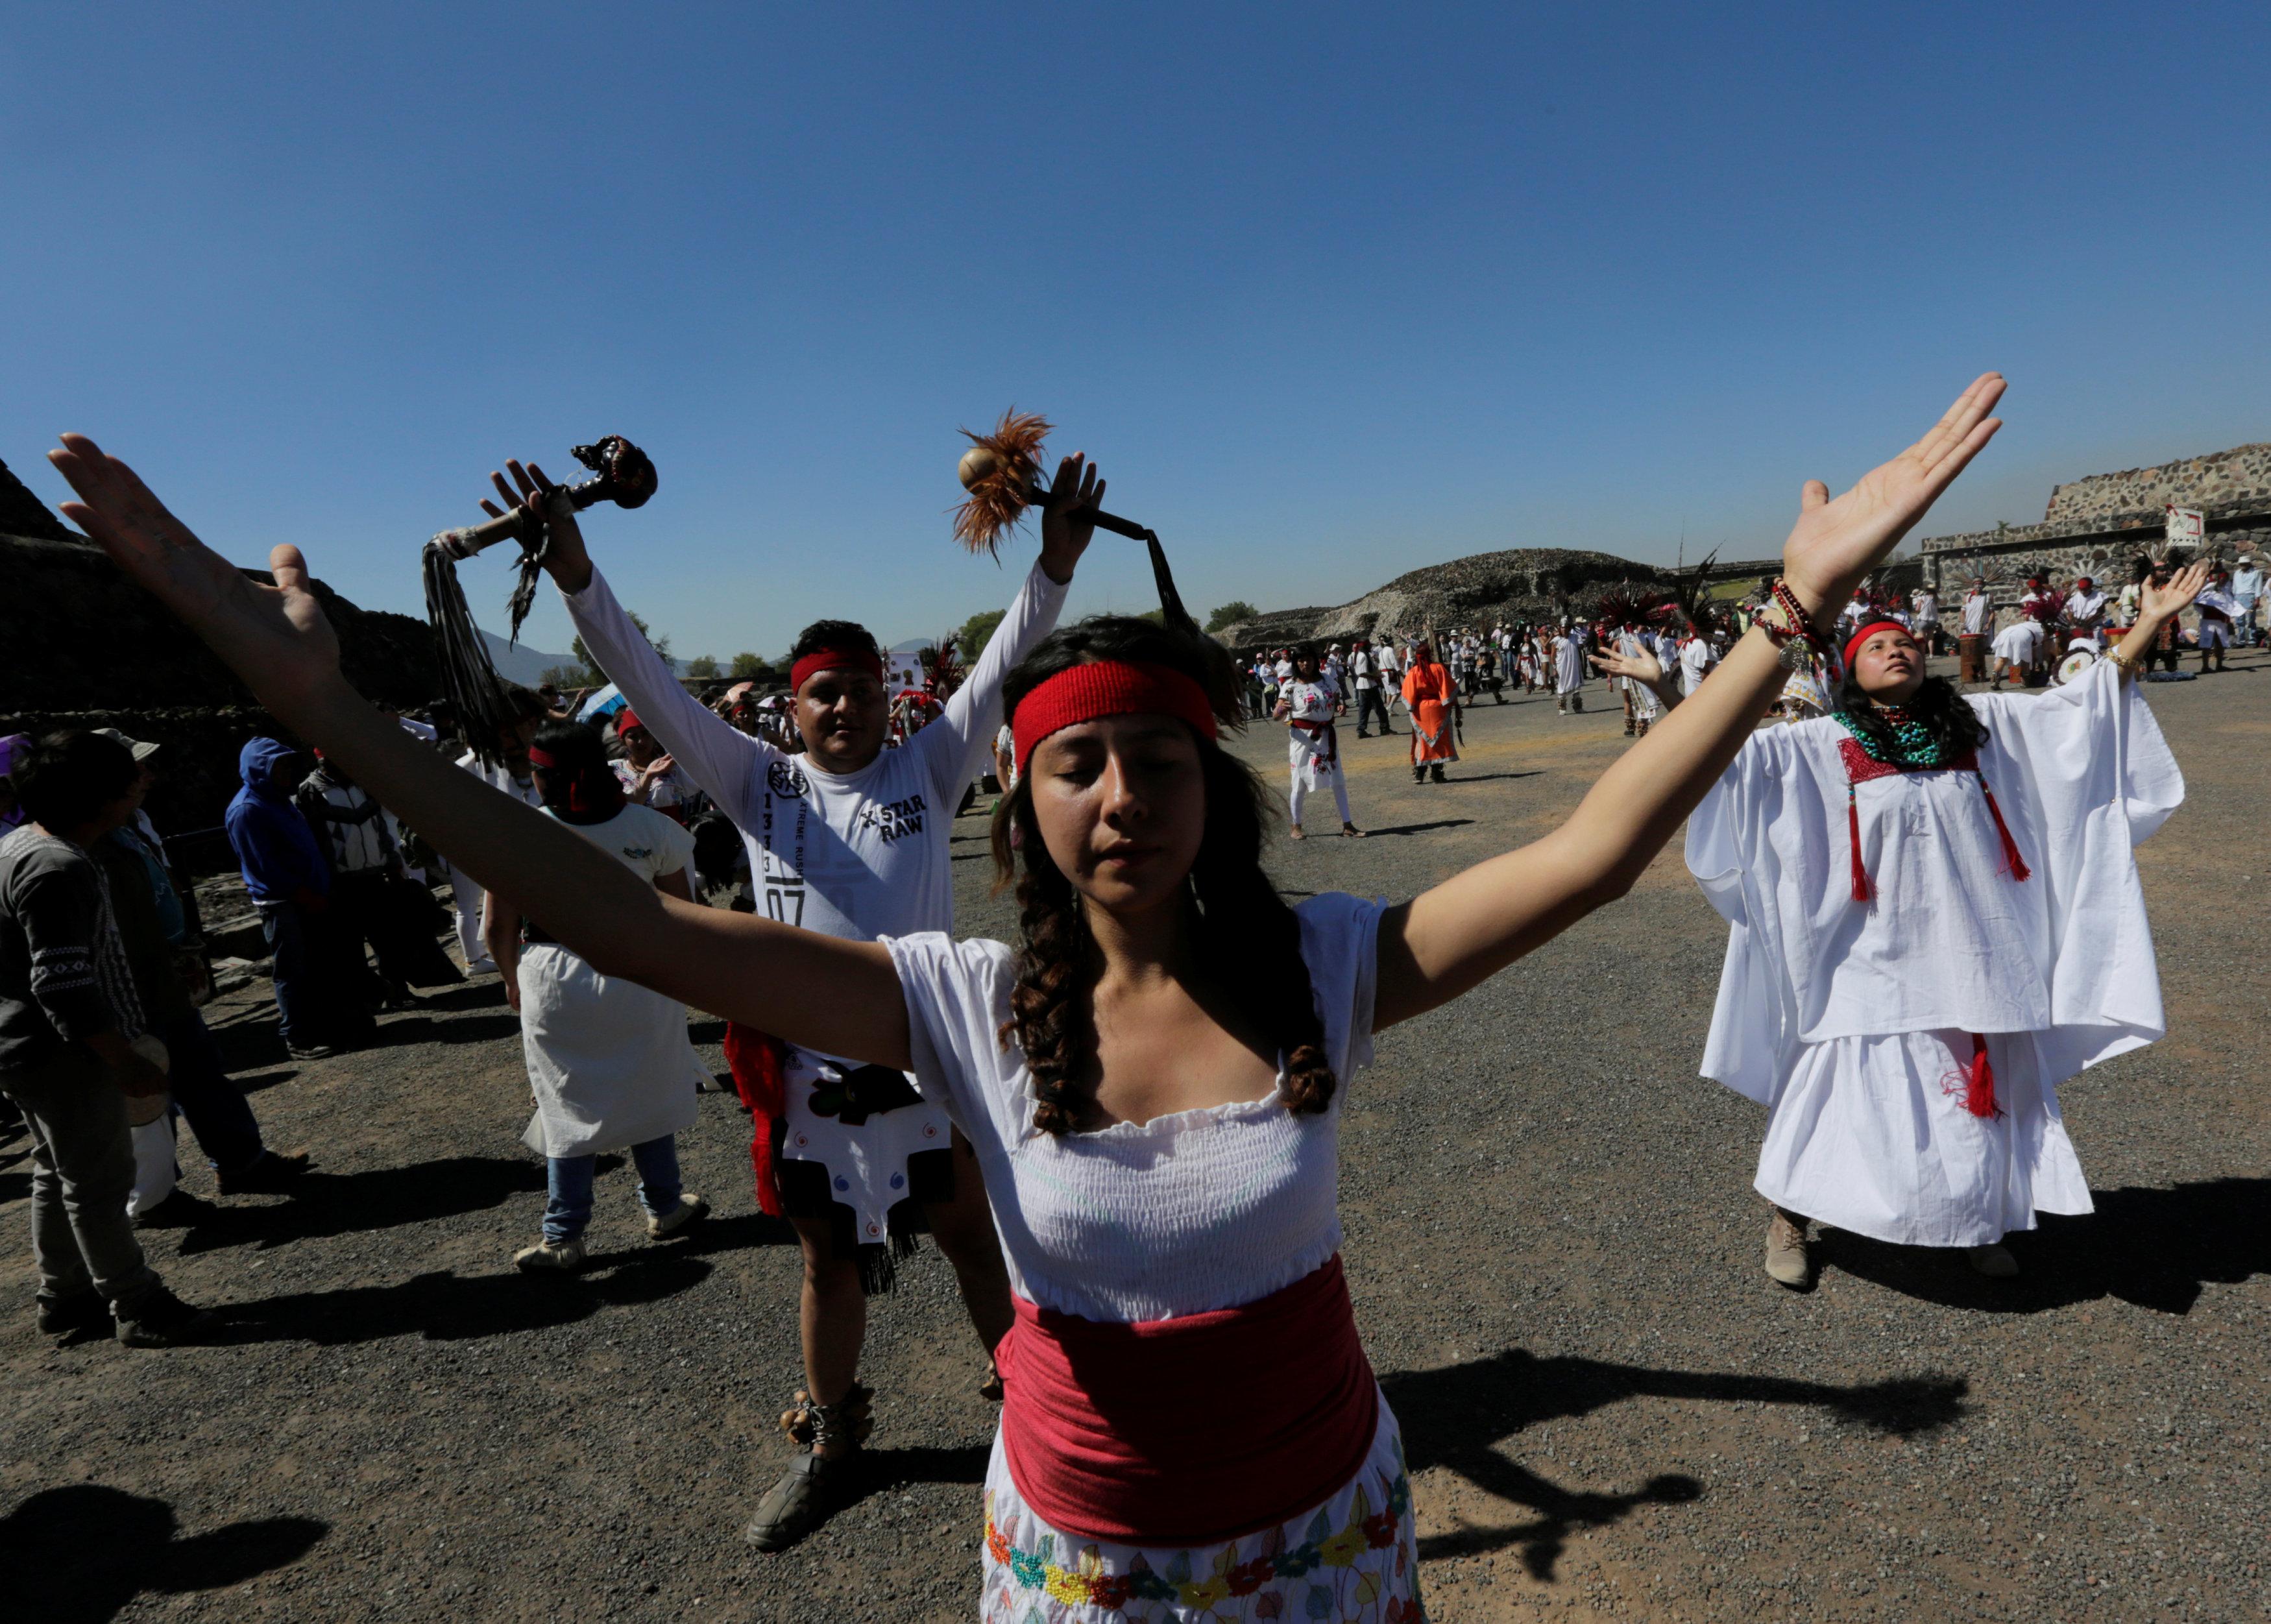 .. مهرجان استقبال فصل الربيع فى المكسيك